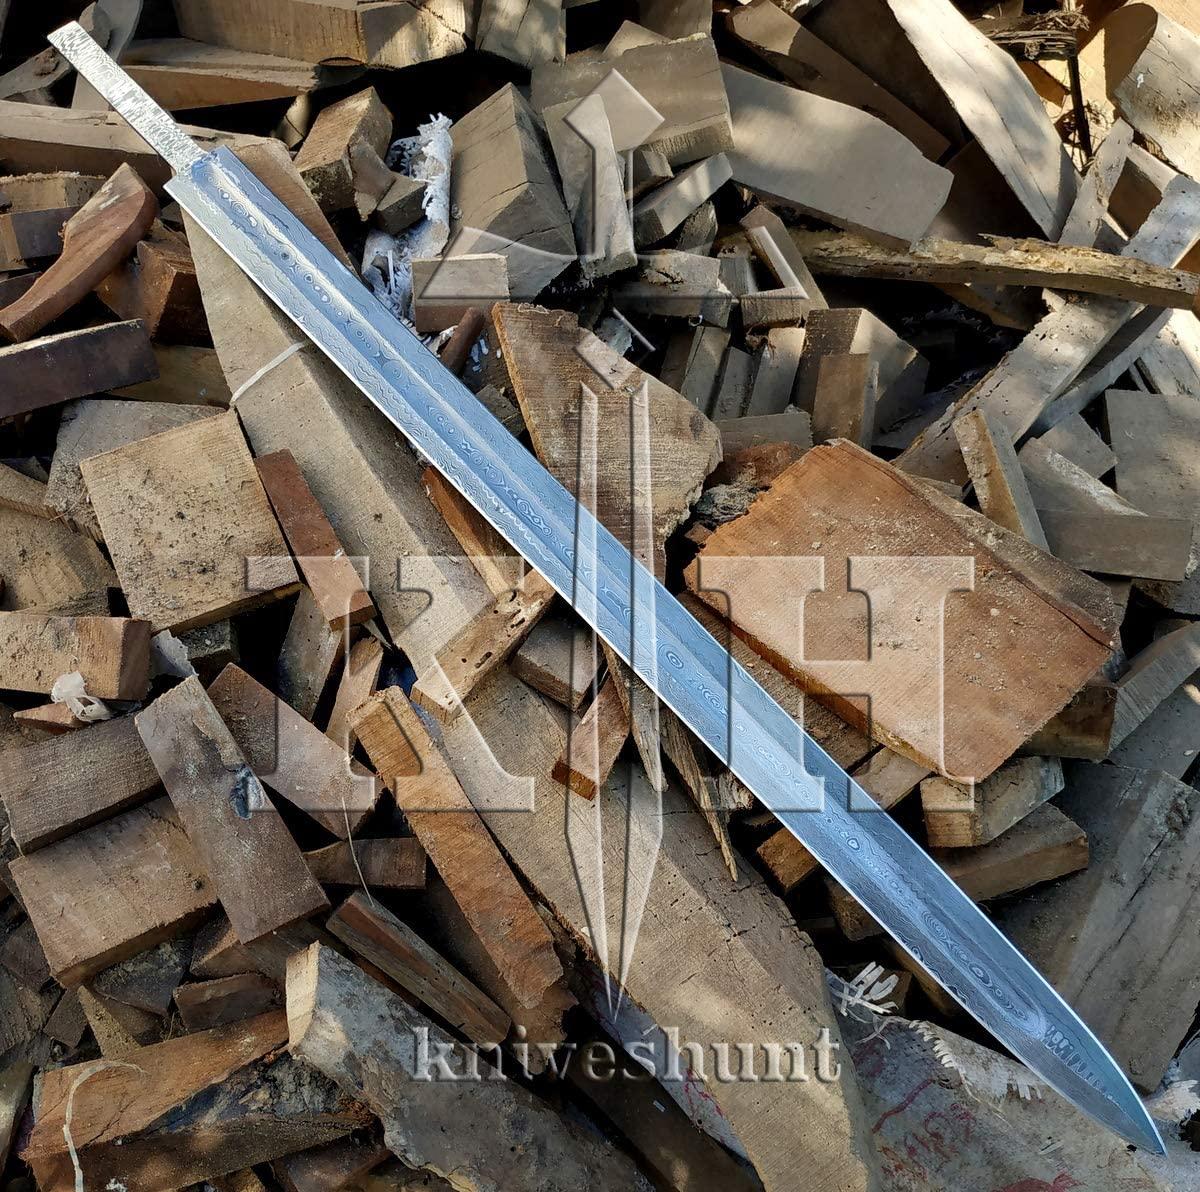 SK-Knives Damascus Knife Custom Handmade - 30 Inches Damascus Steel Sword Blank Blade